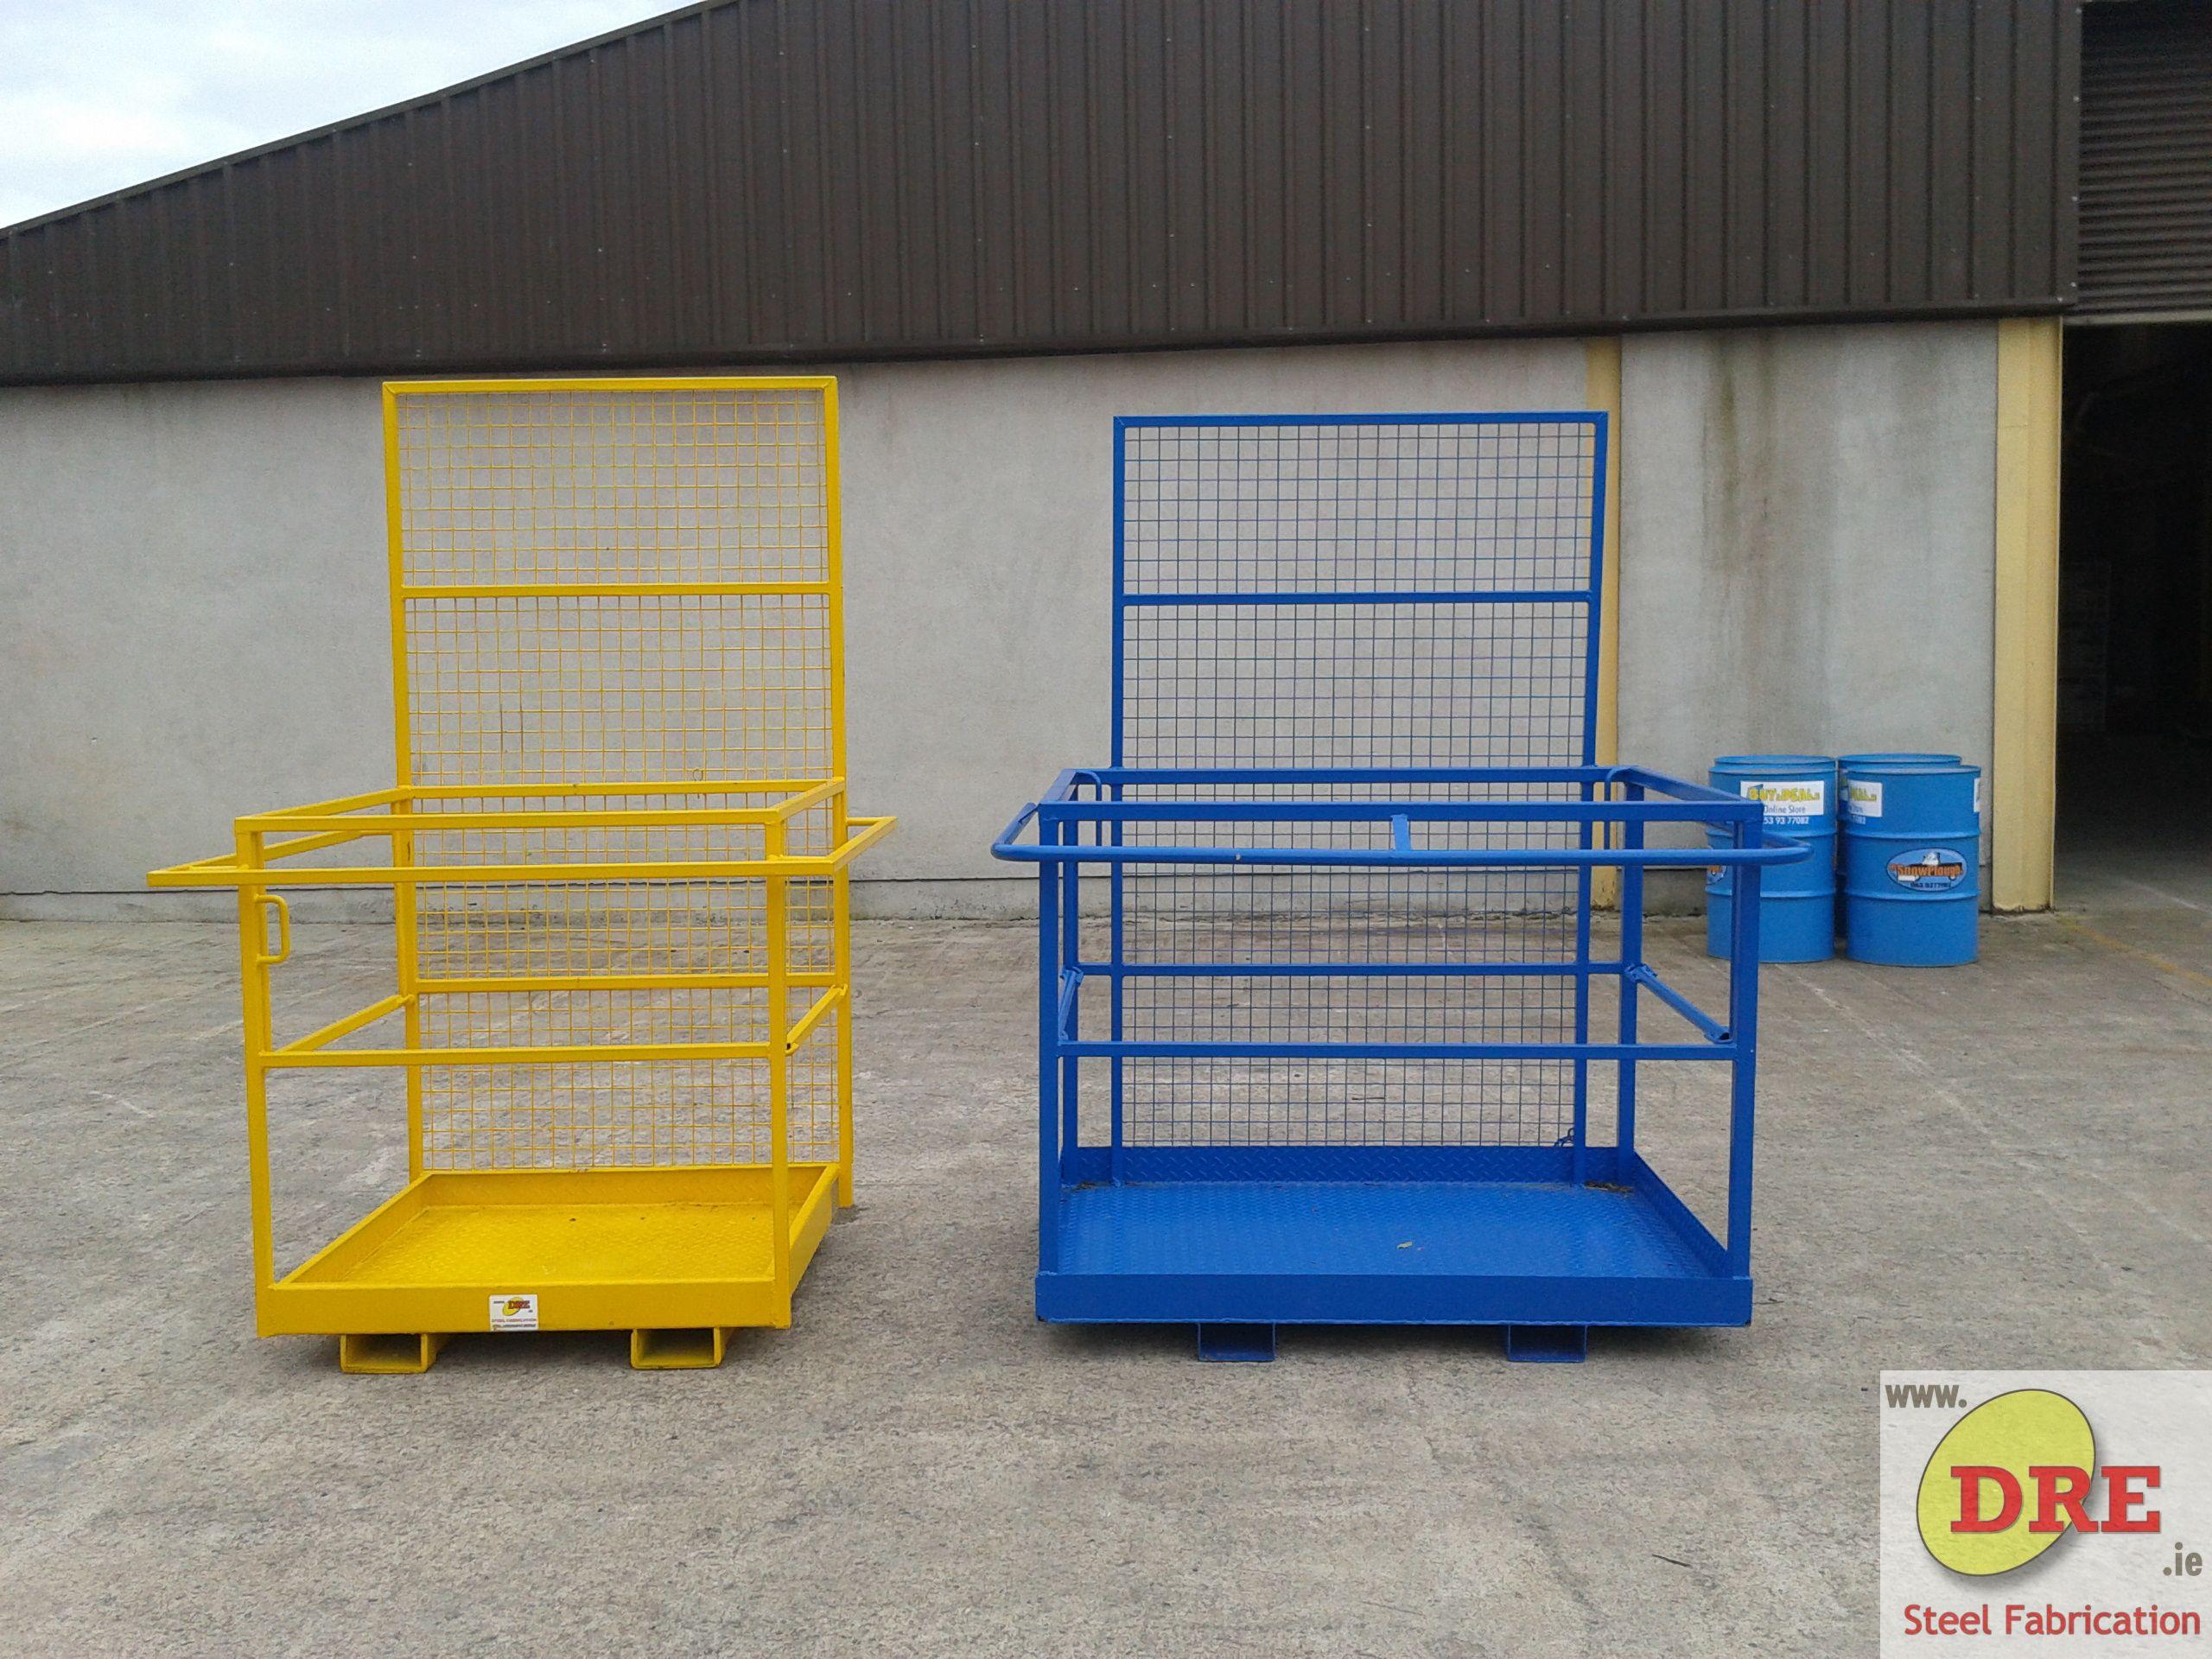 Forklift work platform hire dre bunclody dre.ie ireland